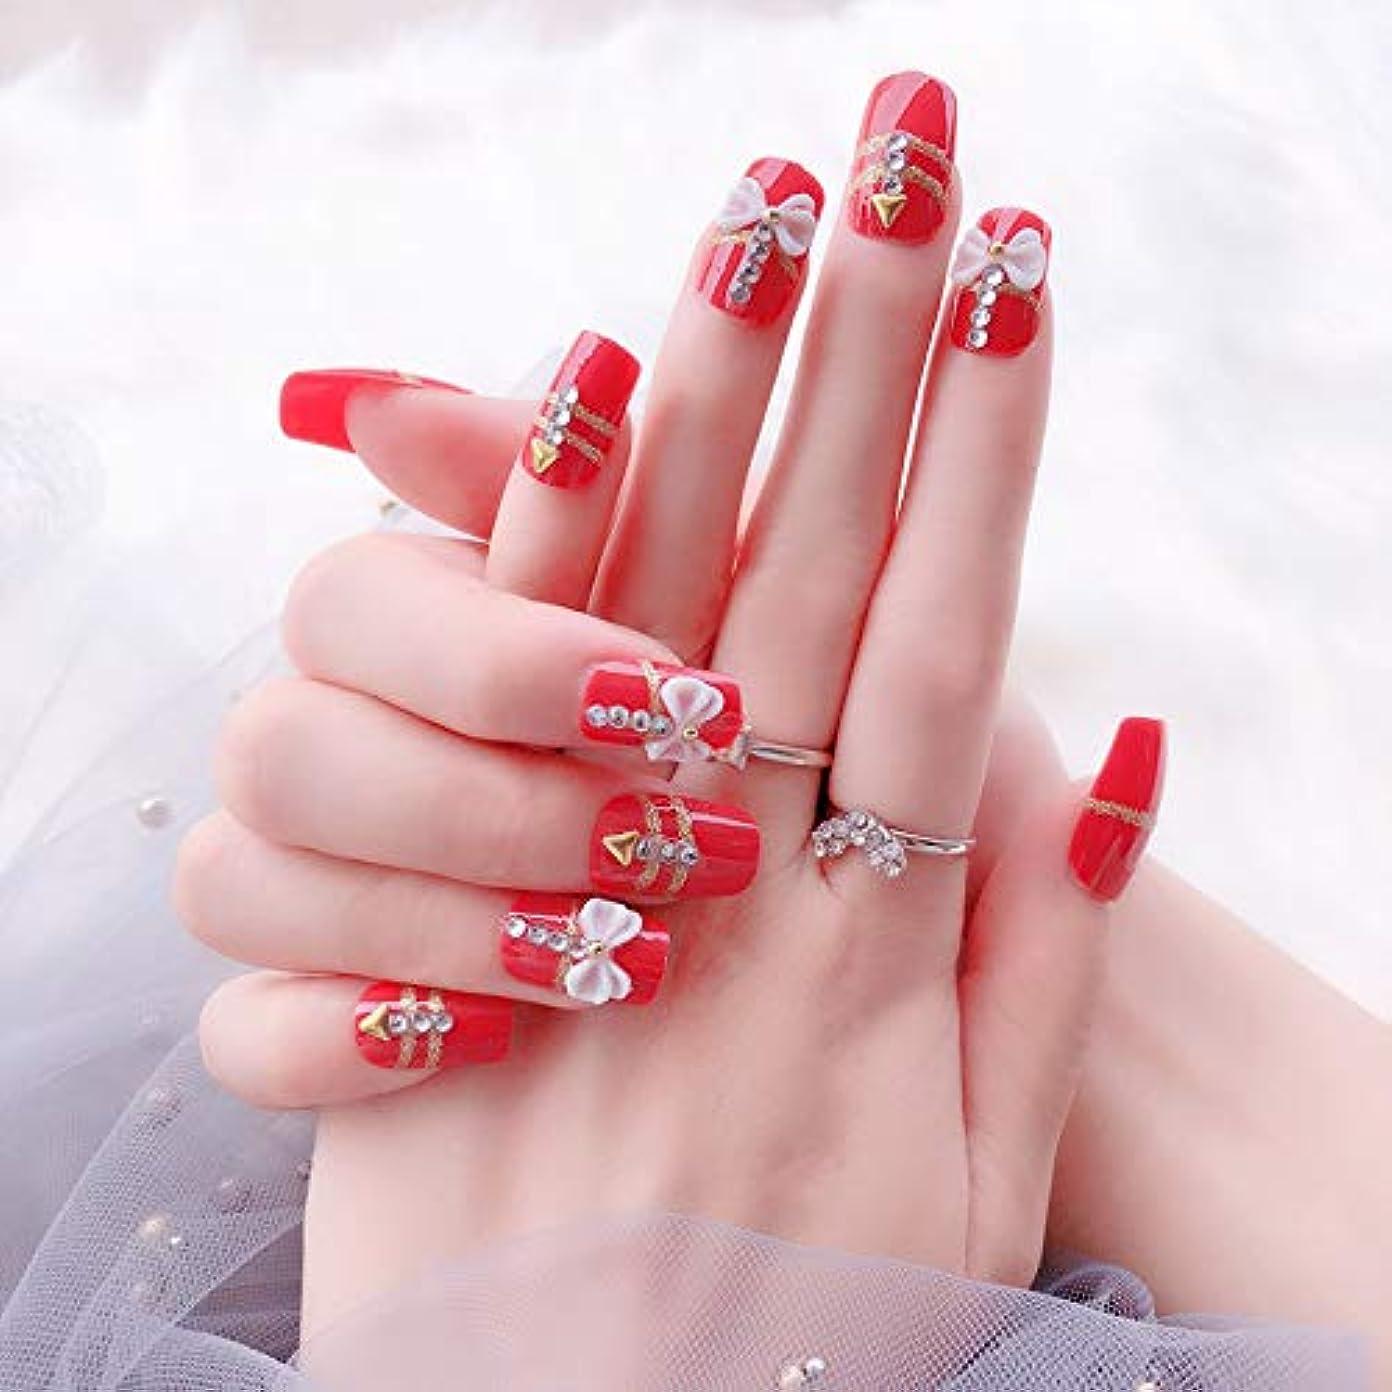 酸っぱいスマッシュ豪華な花嫁ネイル 手作りネイルチップ 和装 ネイル 24枚入 結婚式、パーティー、二次会など 可愛い優雅ネイル 蝶の飾り付け (レッド)